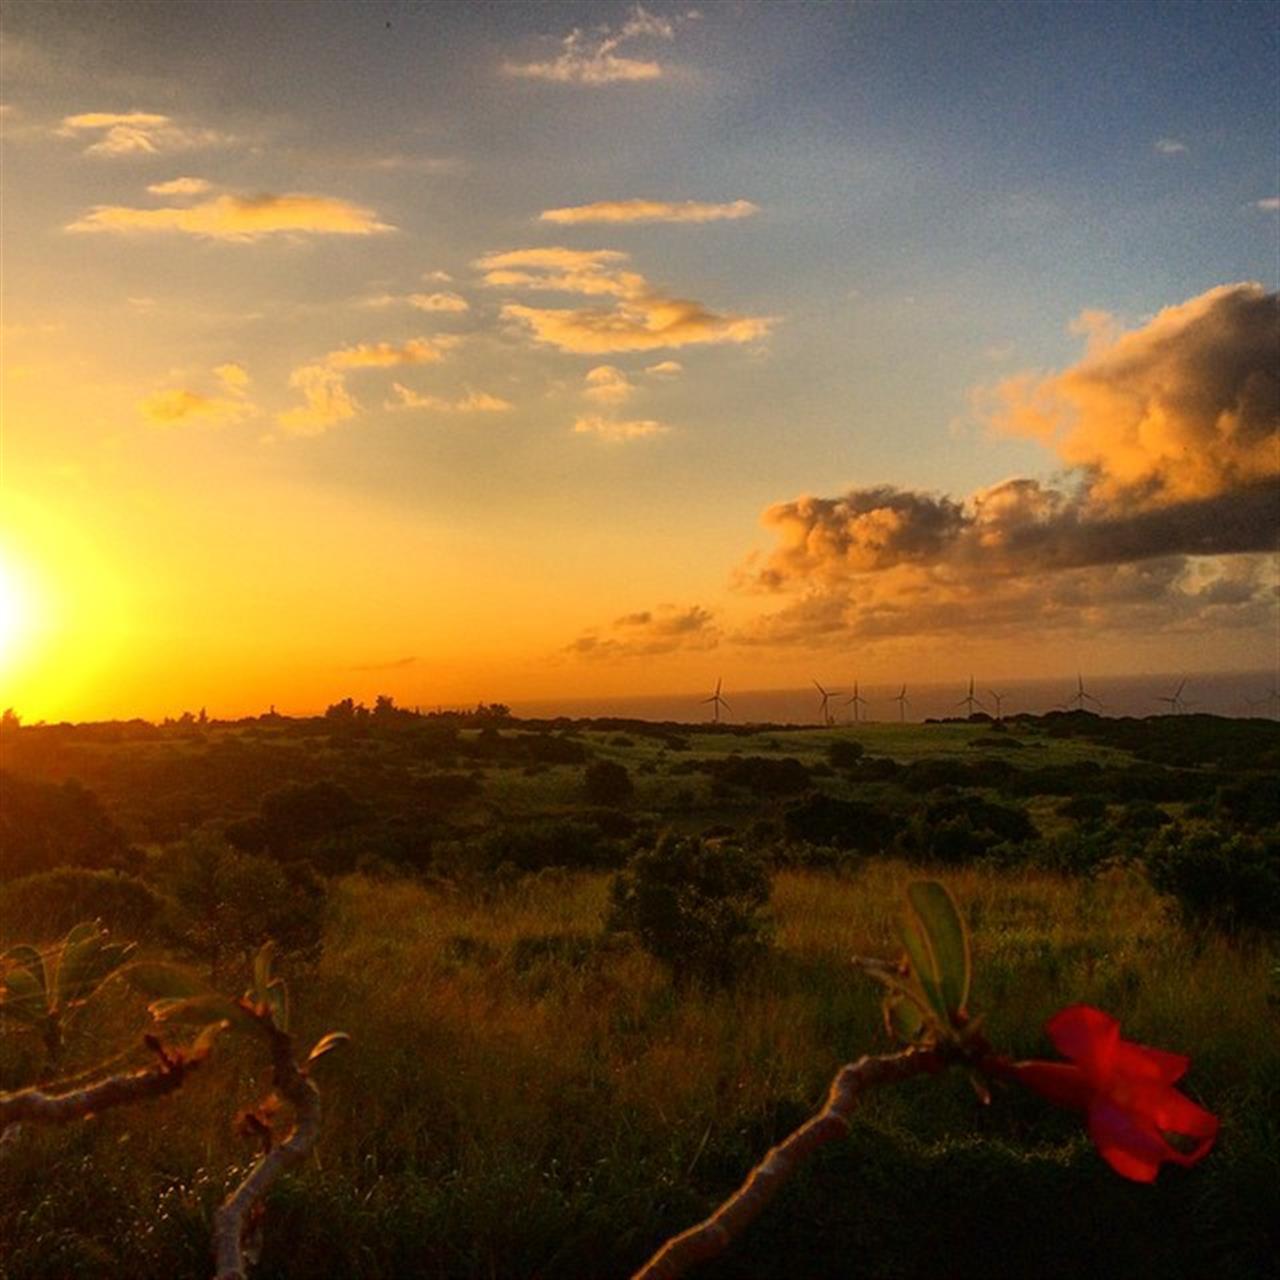 Home on the range! #sunset #derbyfarm #greenacres #hnnsunrise #leadingrelocal